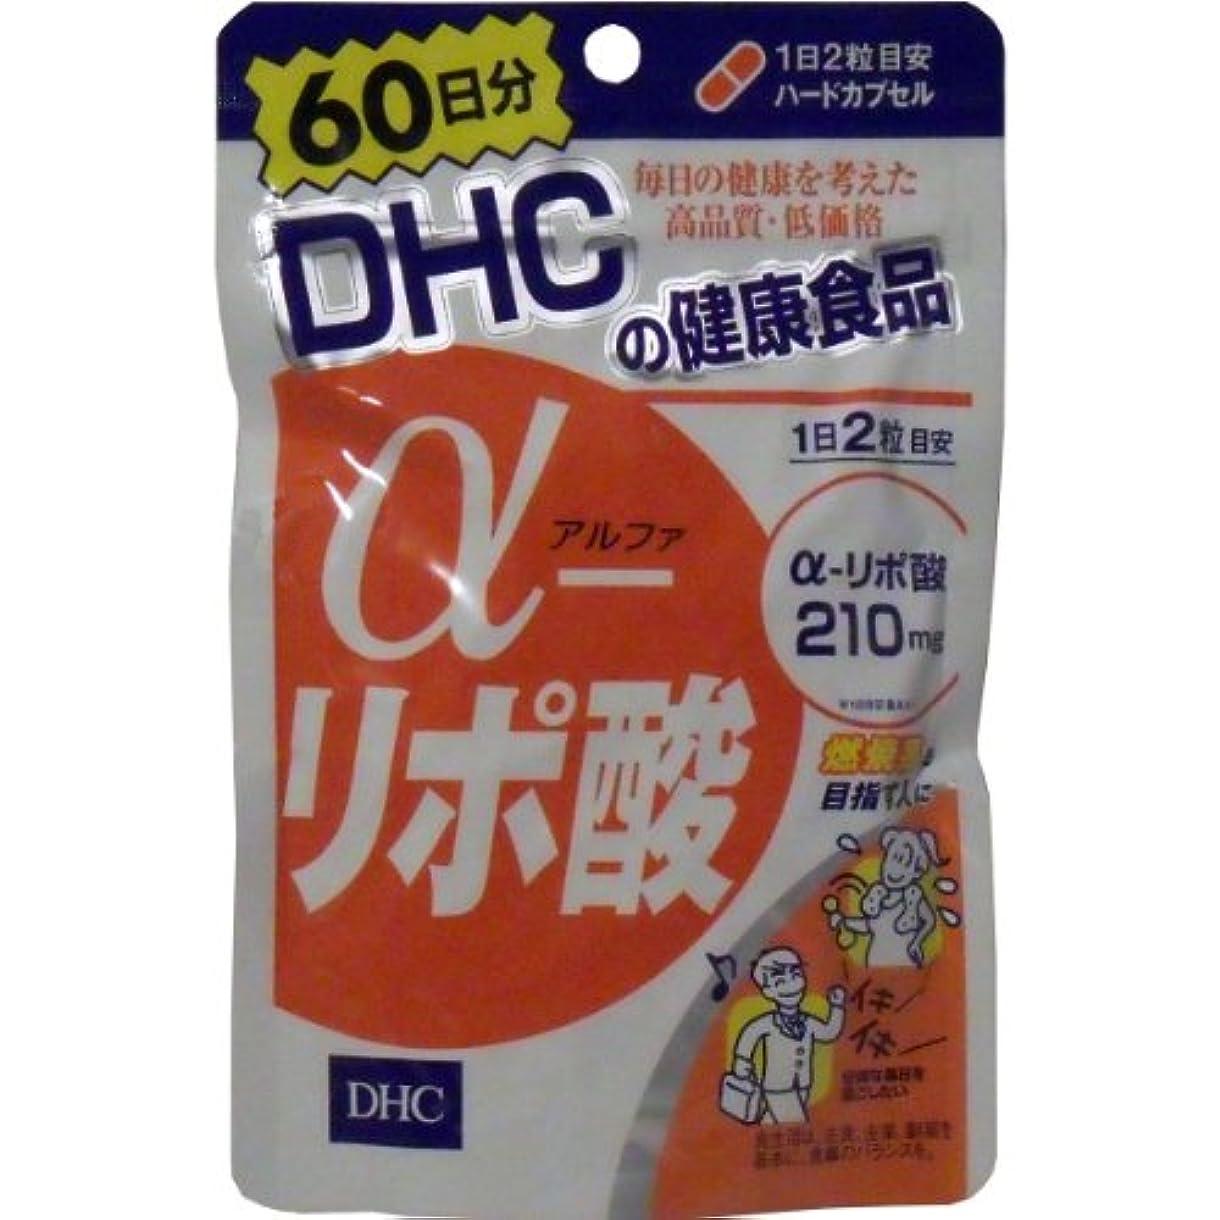 区画モード富豪α-リポ酸は、もともと体内にあるエネルギー活性成分。サプリメントでの効率的な補給がおすすめ!DHC120粒 60日分 【3個セット】